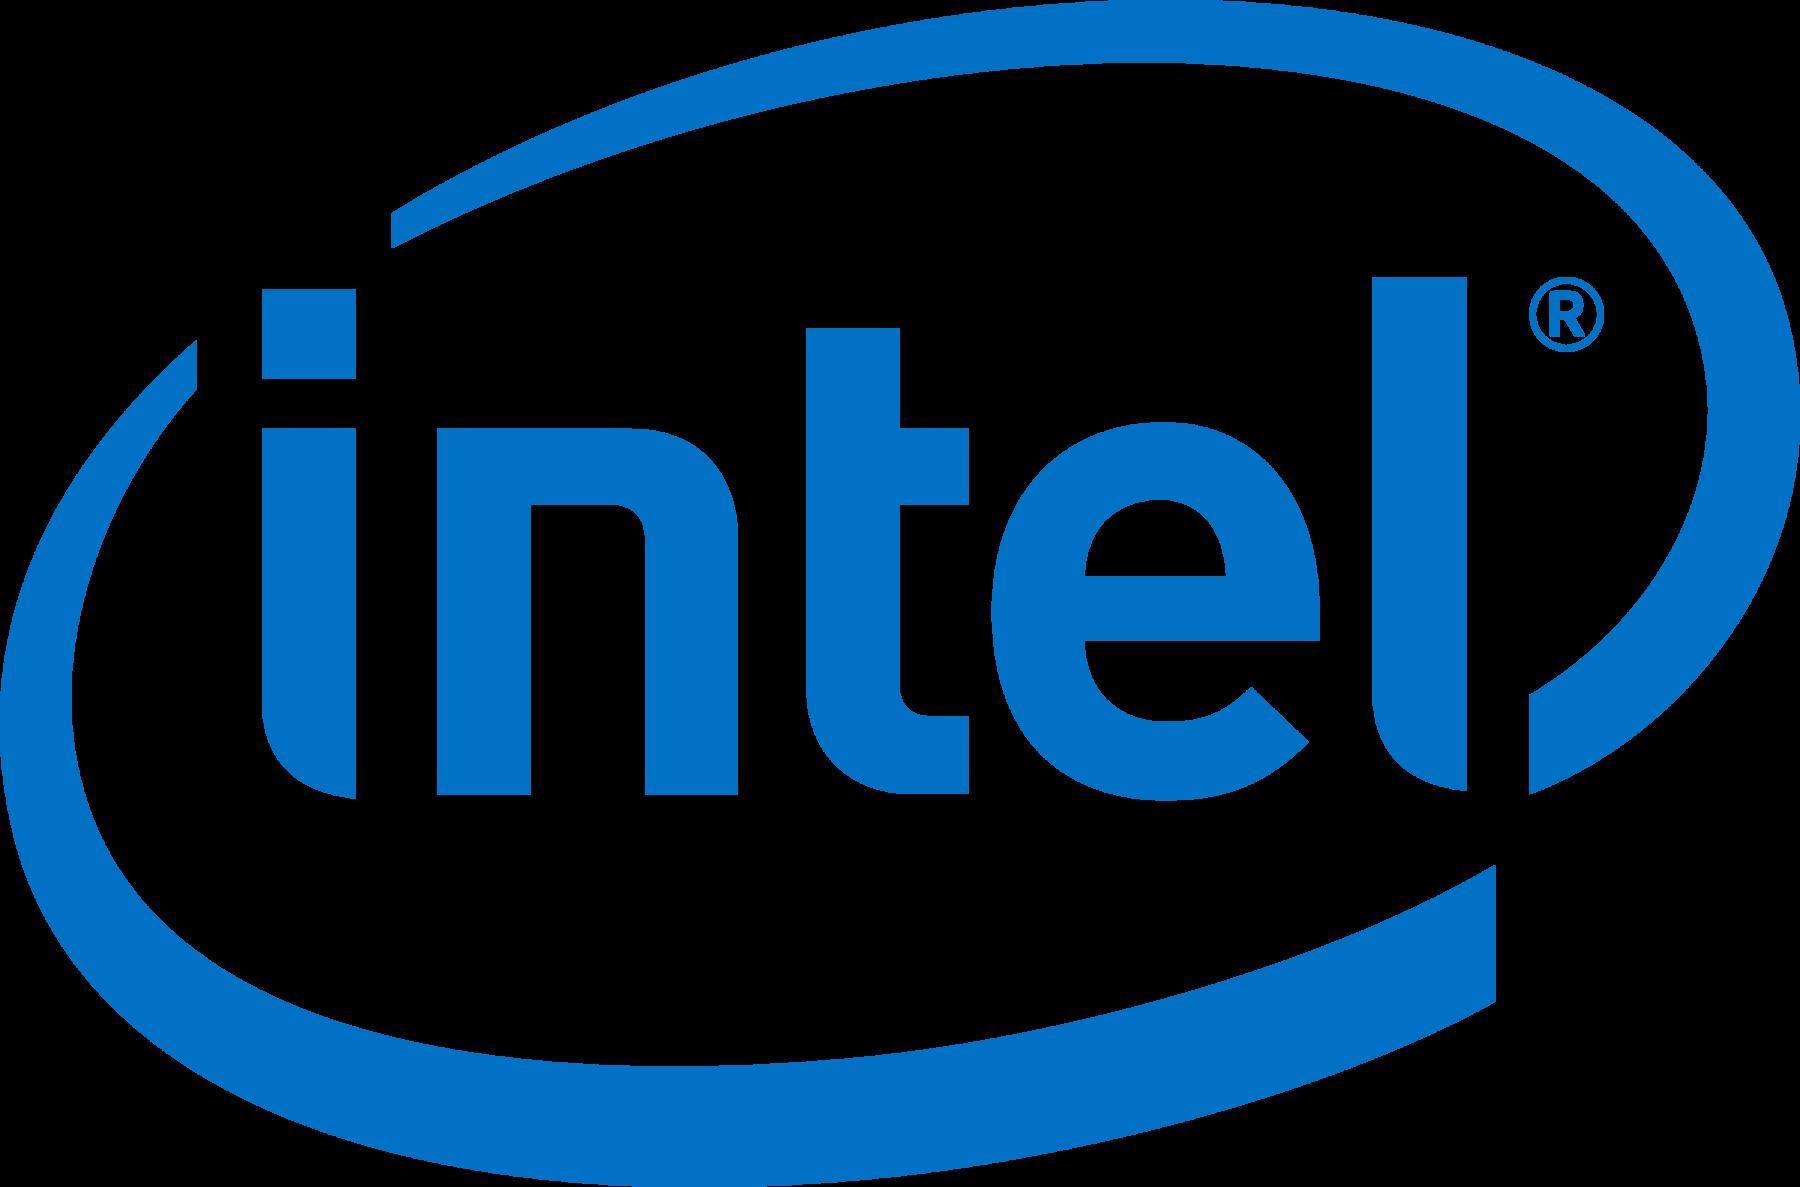 intel_rgb_3000 (1)